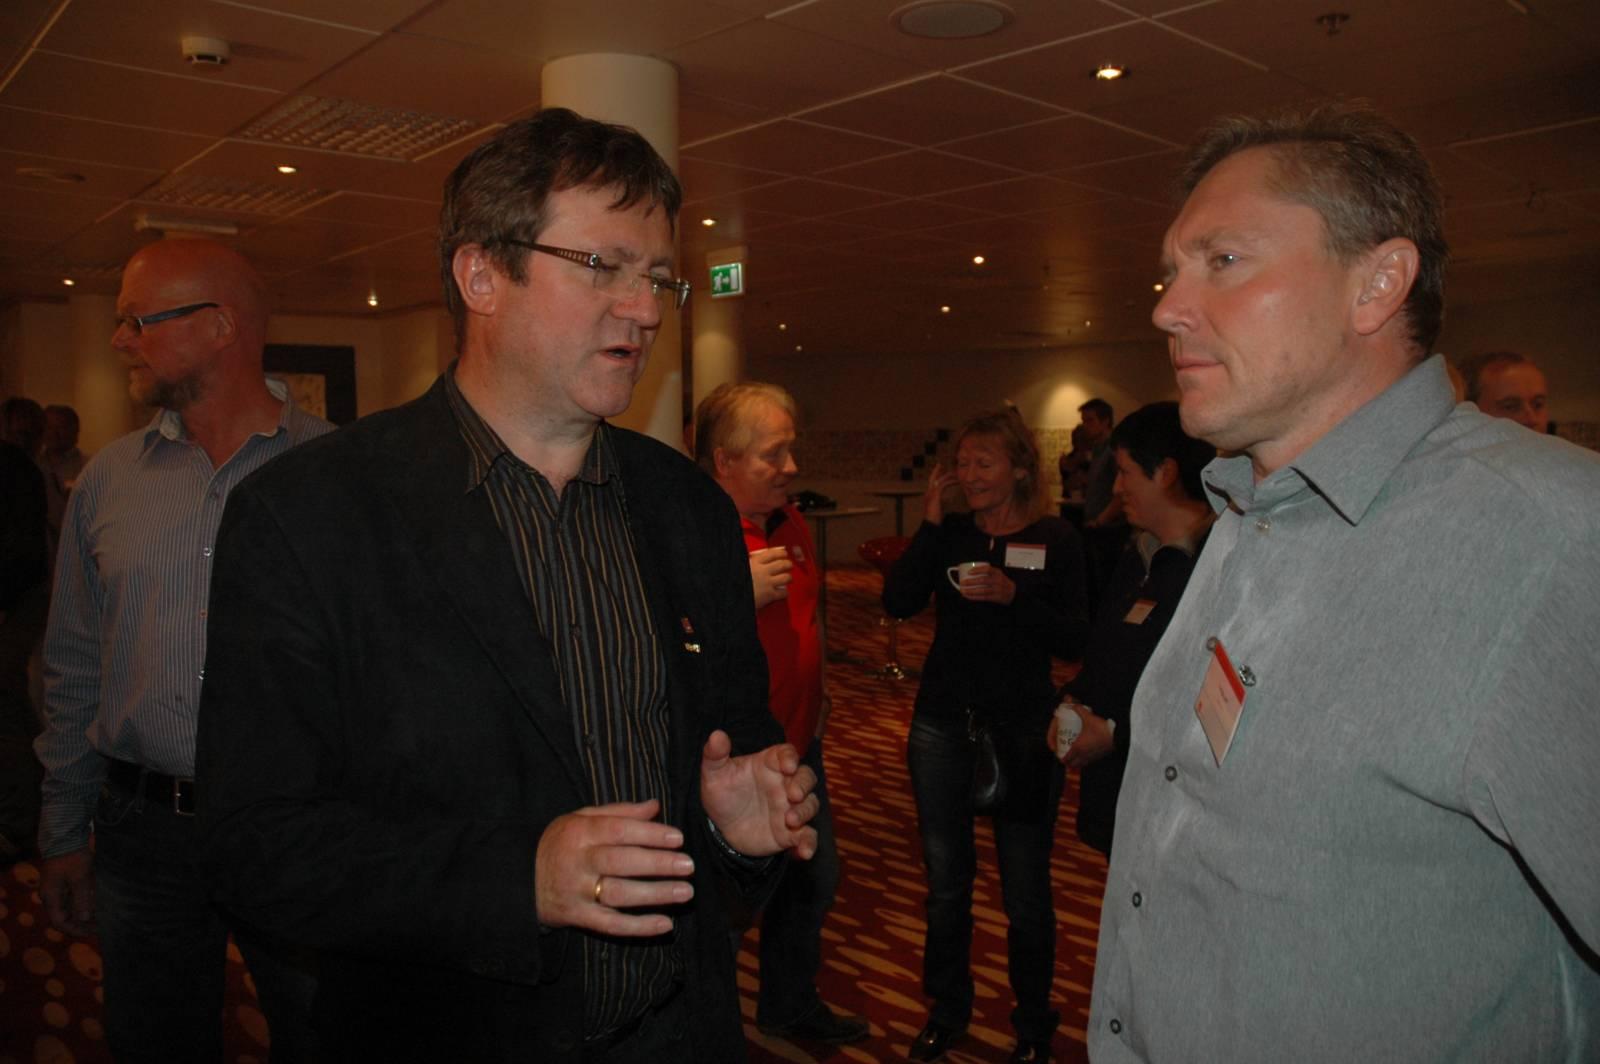 Problemstillinger under SAFE kongress 2011 diskuteres mellom Roy Erling og Tor Egil Løvli. Foto: Mette Møllerop